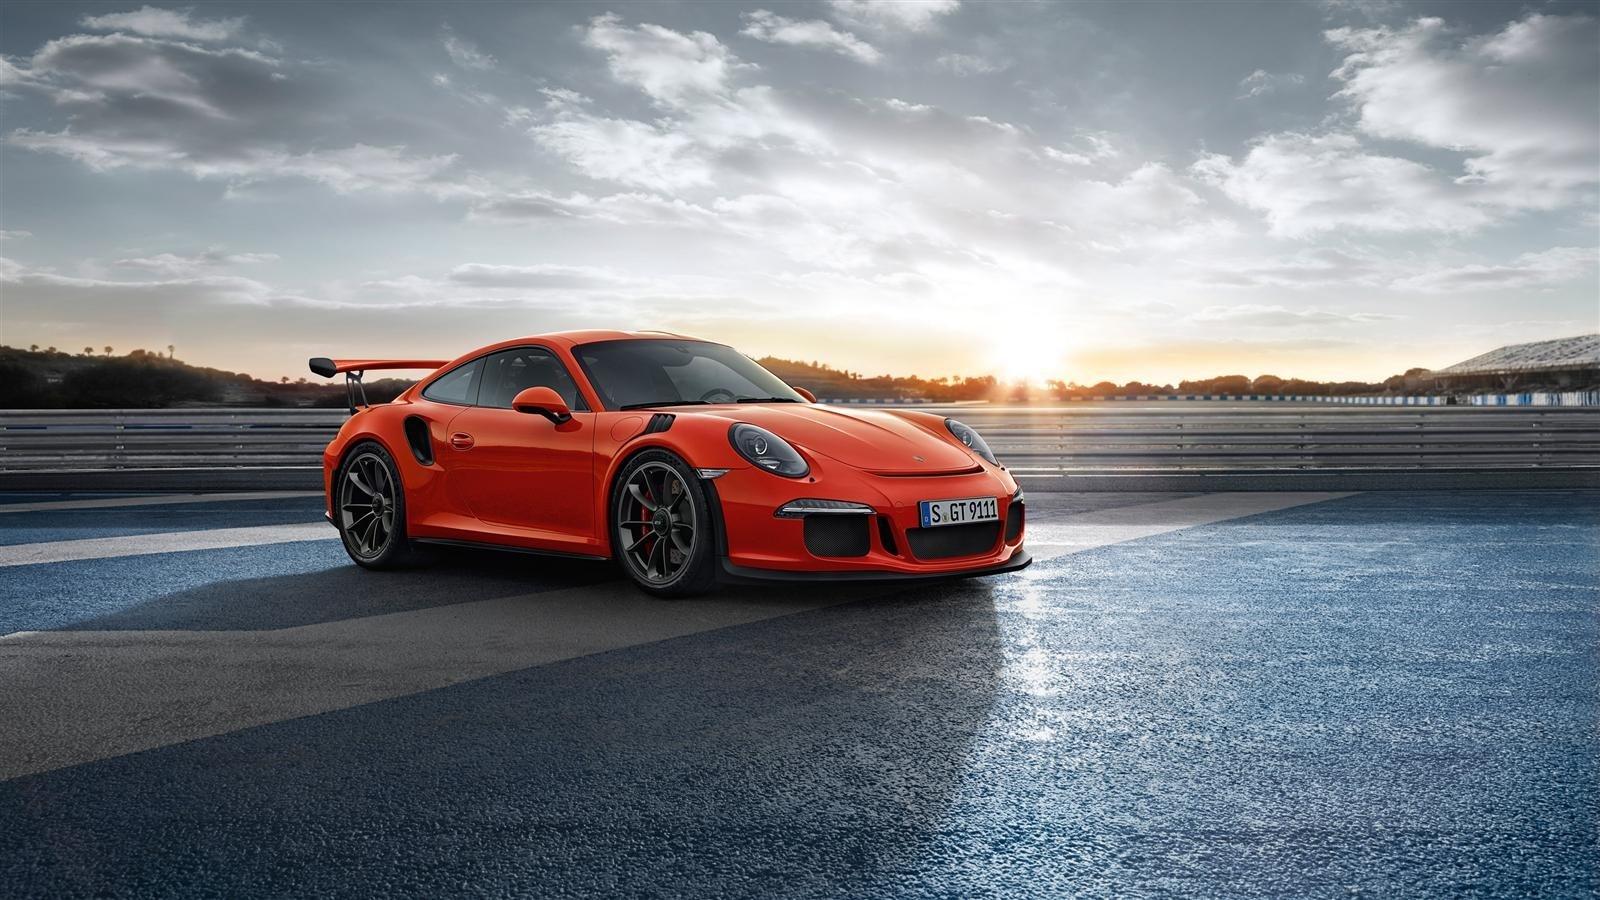 Porsche 911 Gt3 Hd Wallpaper Background Image 1920x1080 Id 681889 Wallpaper Abyss